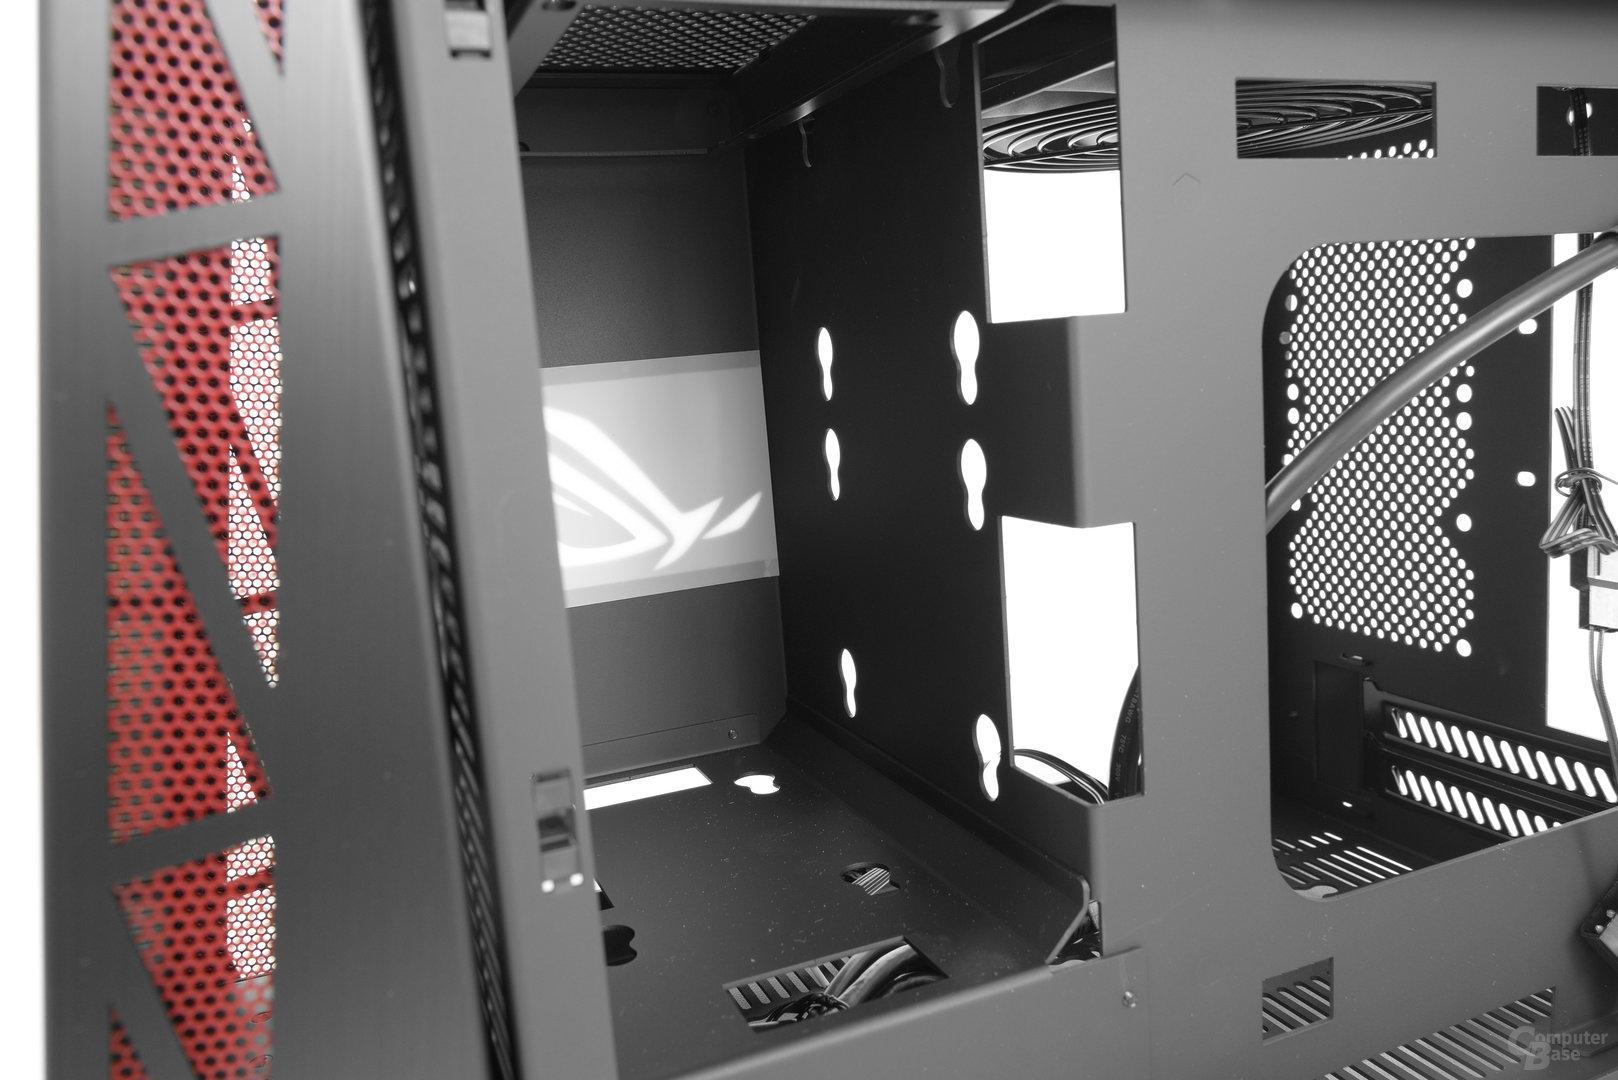 Lian Li PC-Q17 – Netzteilschacht an der Rückseite im Detail